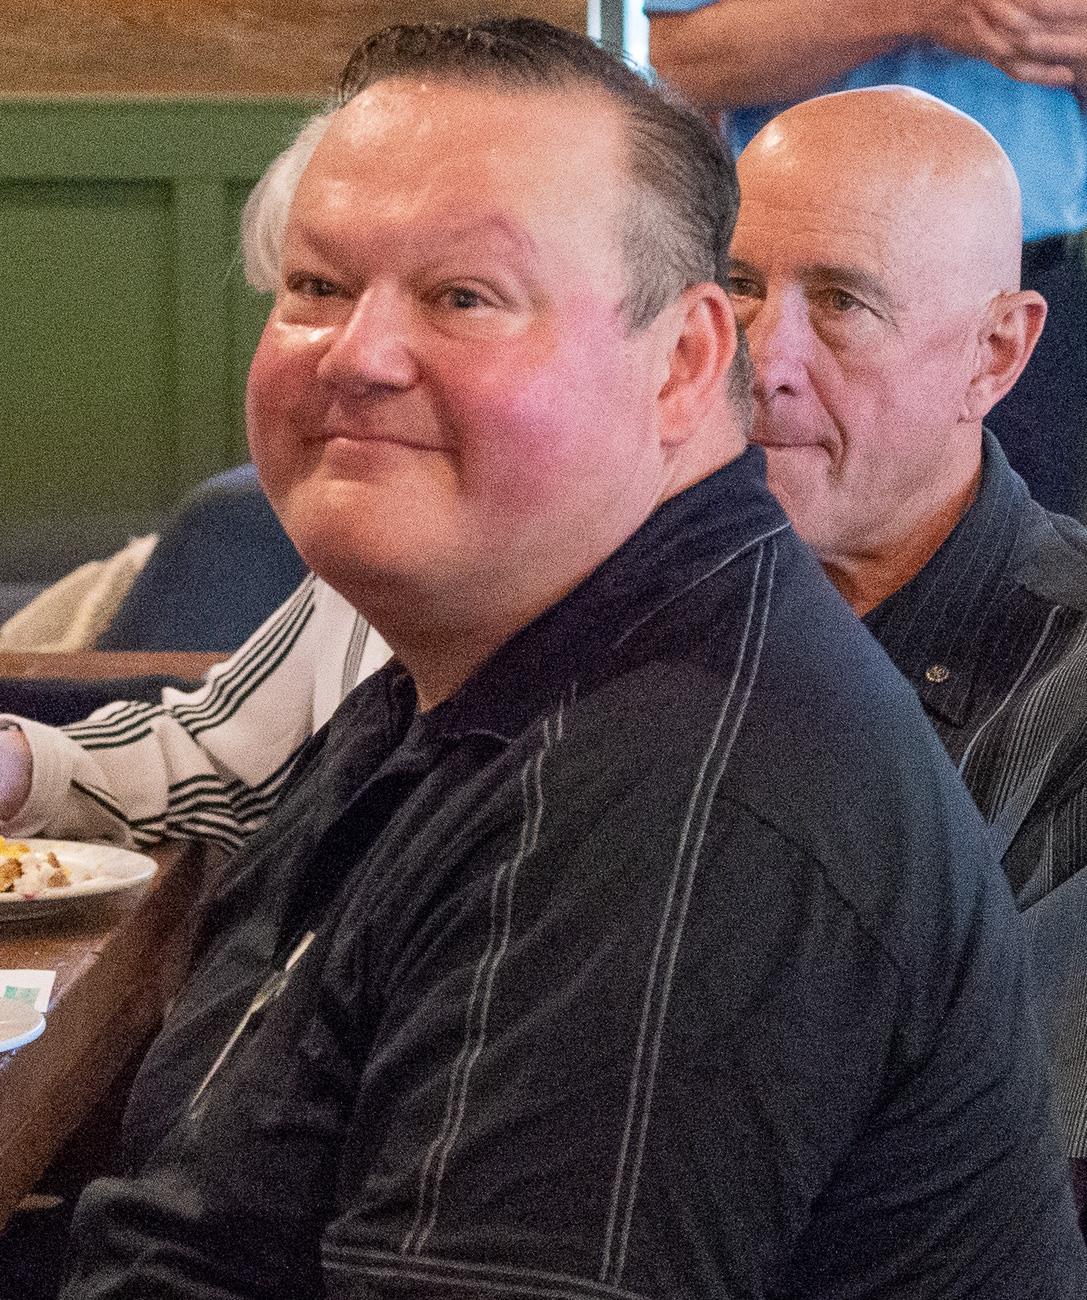 Guest and past member Jim Brenton